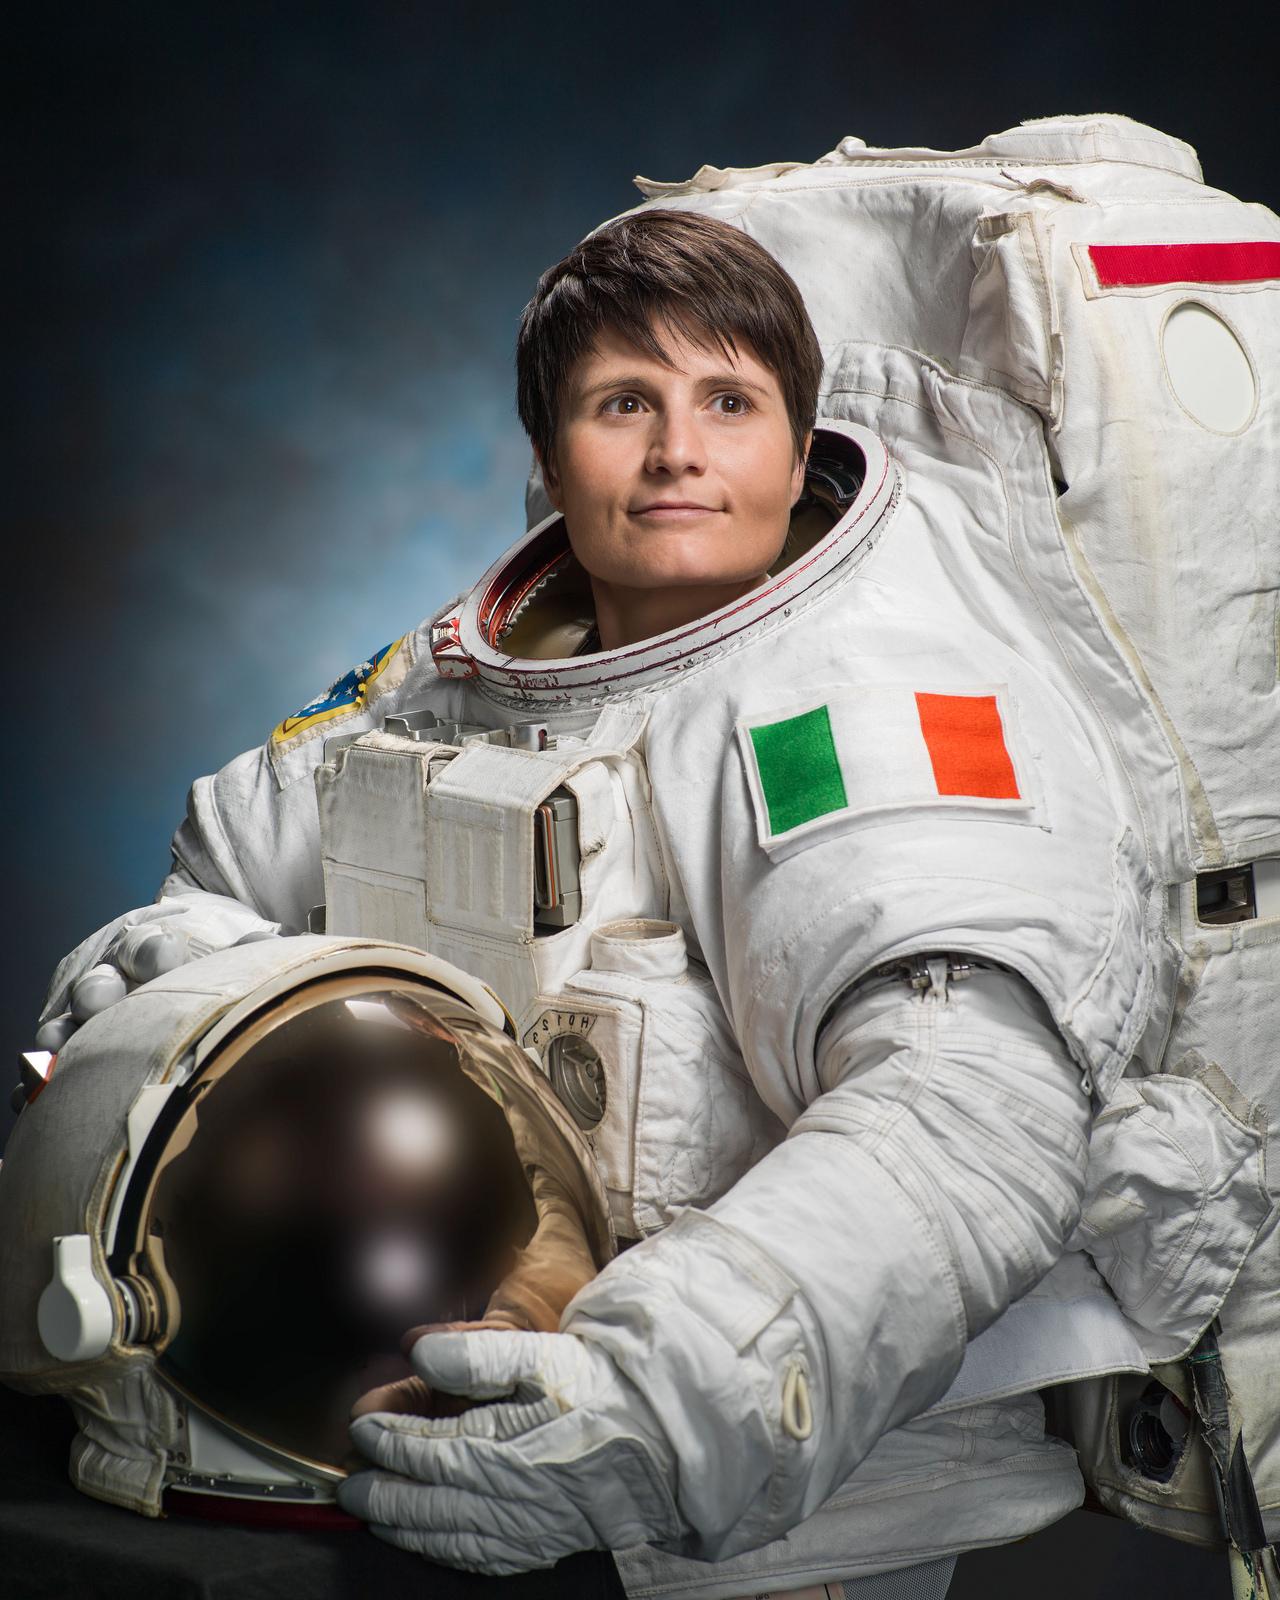 Risultati immagini per astronauta samantha cristoforetti